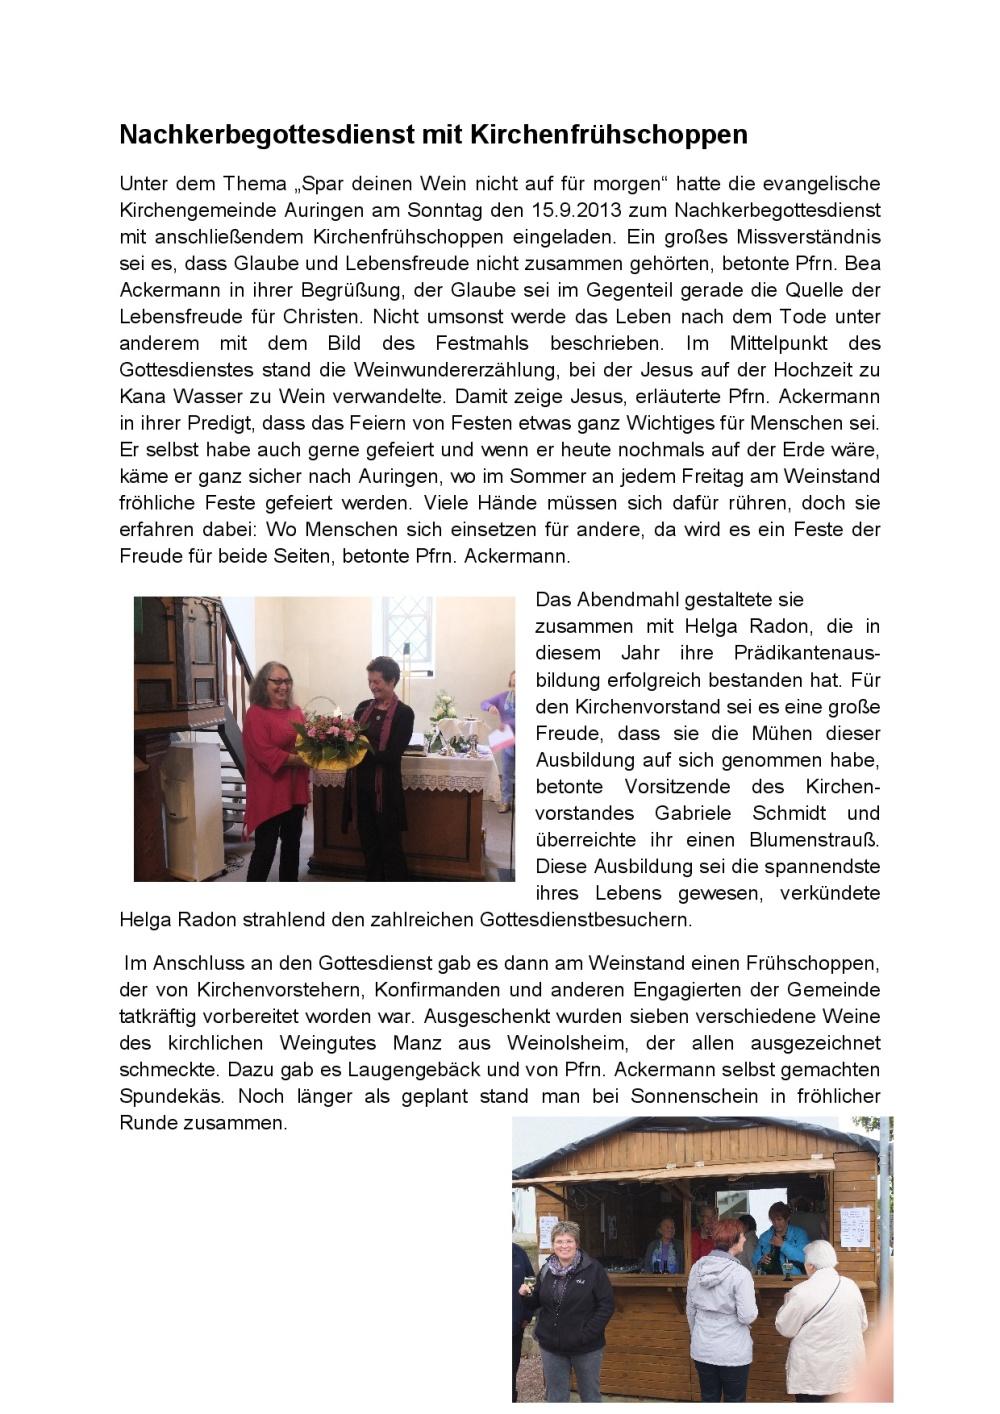 25-Nachkerbegodi + Kirchenfrühschoppen 15.09.13-001